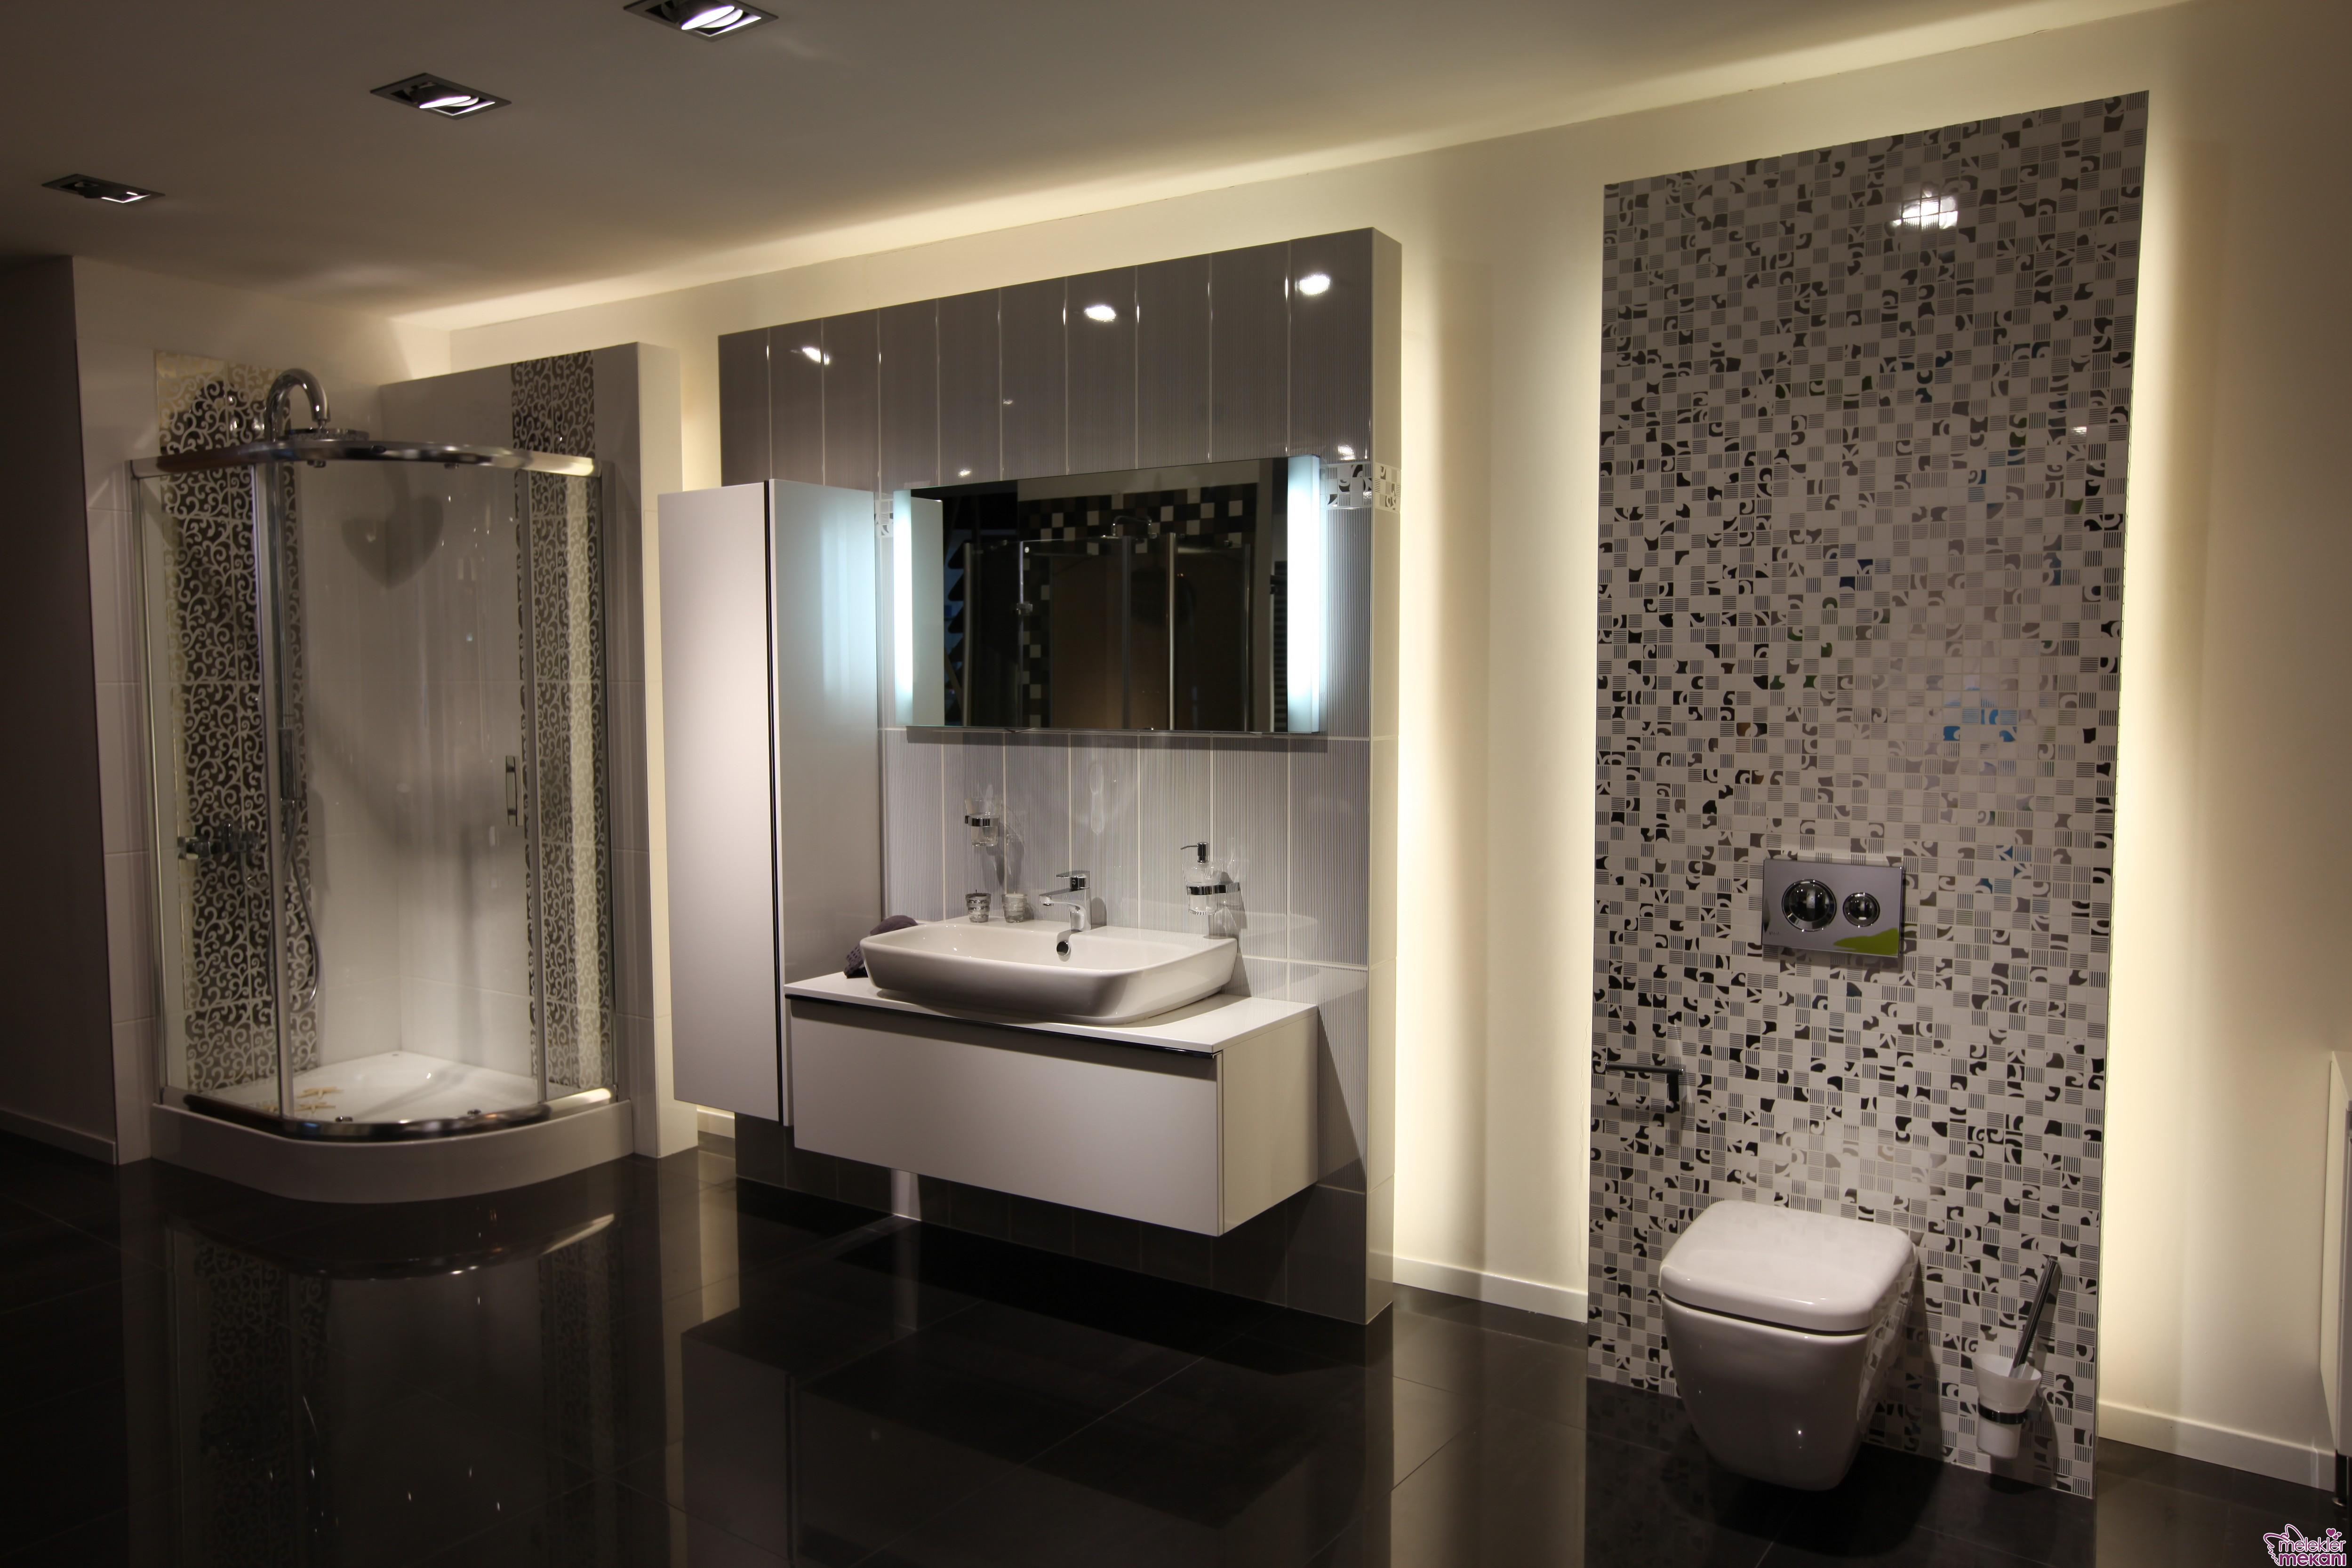 Şık ve gösterişli banyo dolap modelleri seçiminizi Vitra mağaza ziyareti ile gerçekleştirebilirsiniz.